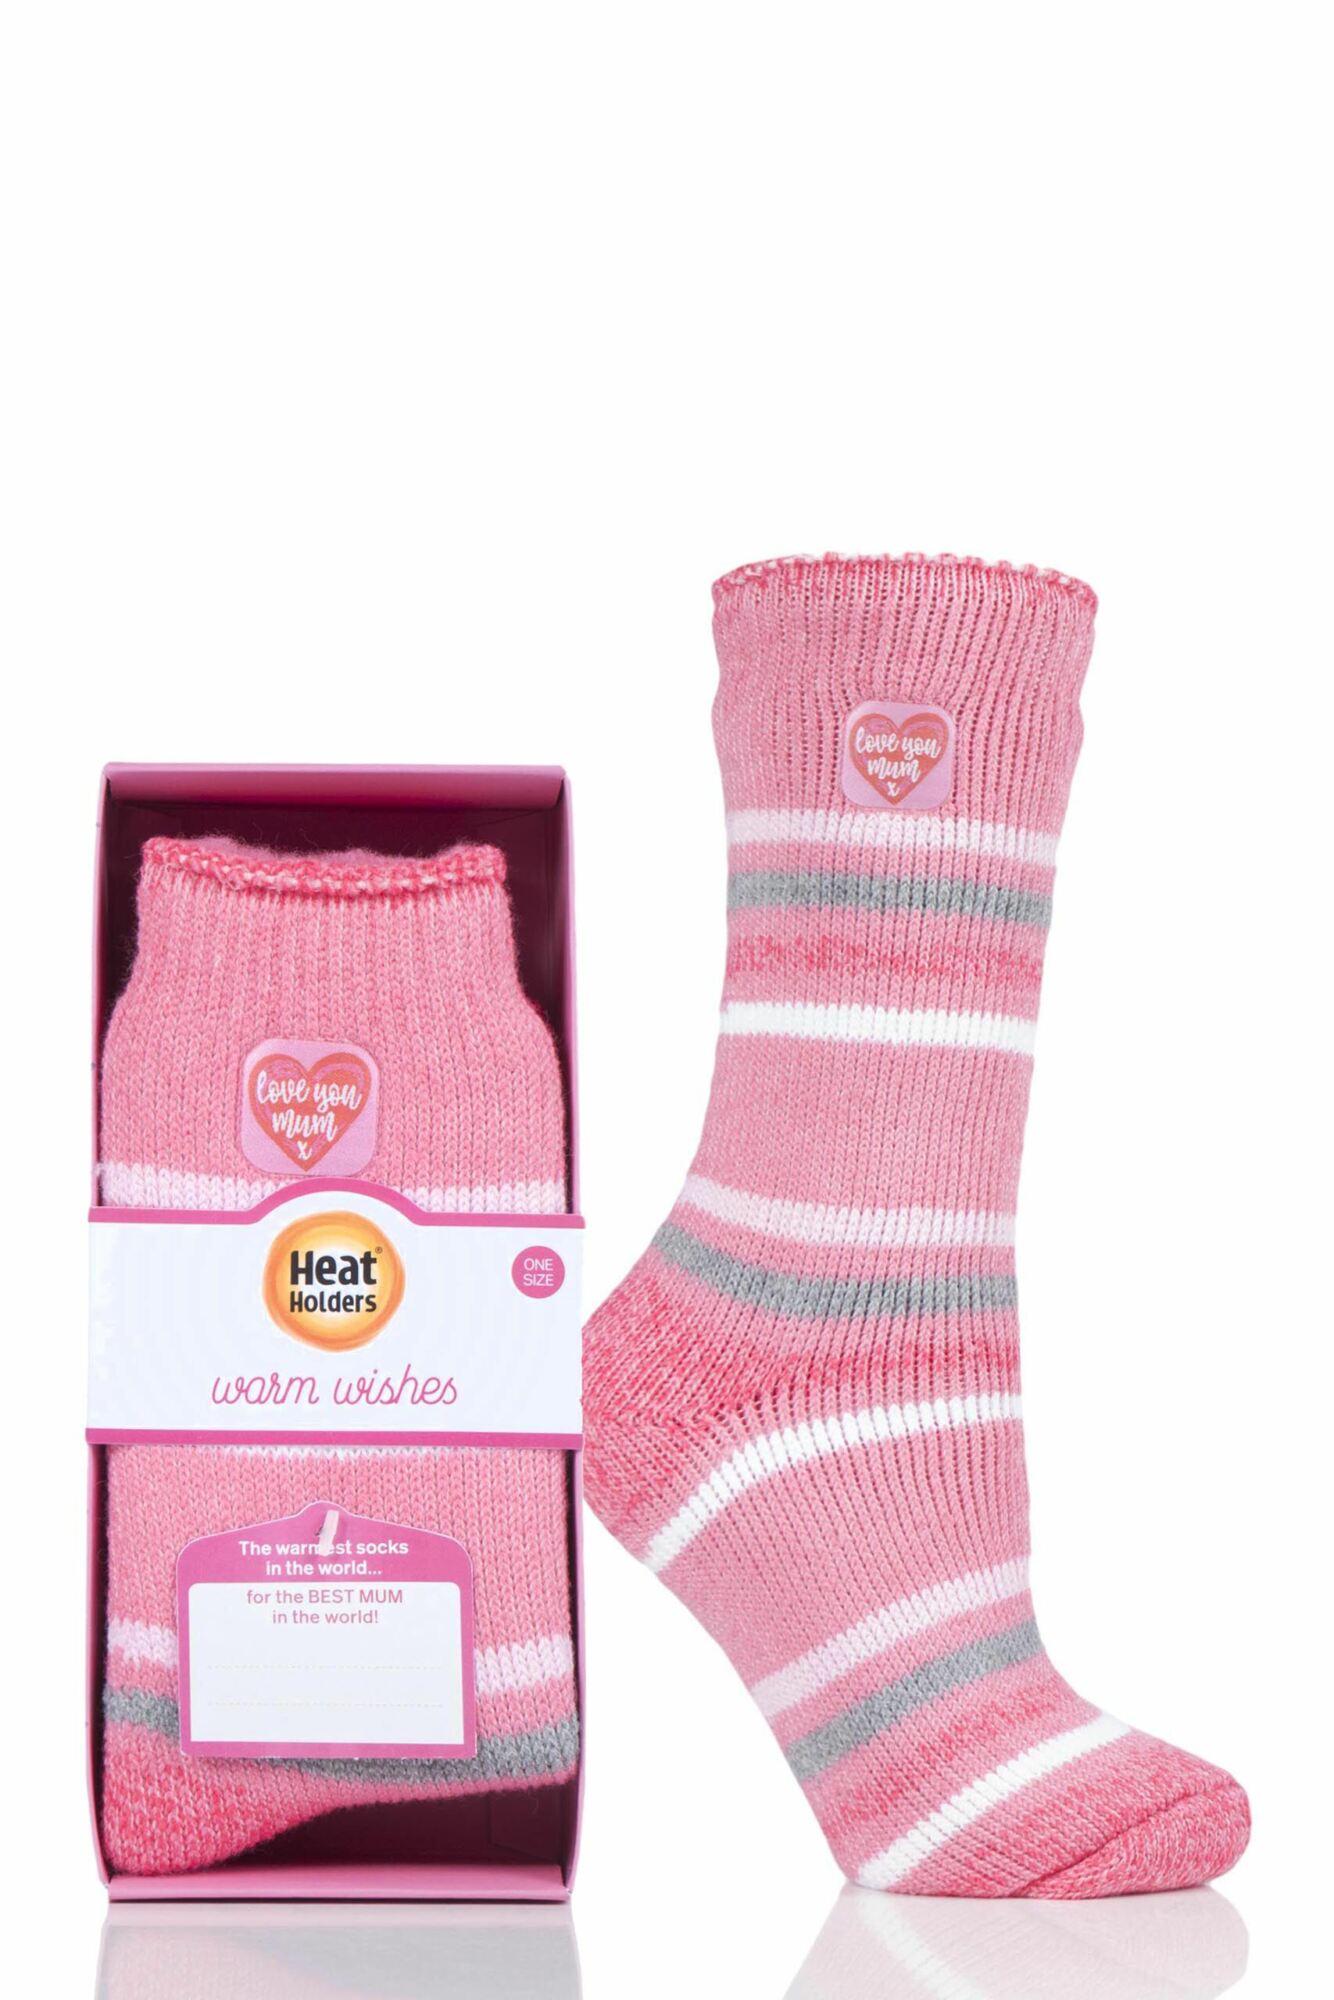 1 Pair Gift Boxed Socks Ladies - Heat Holders